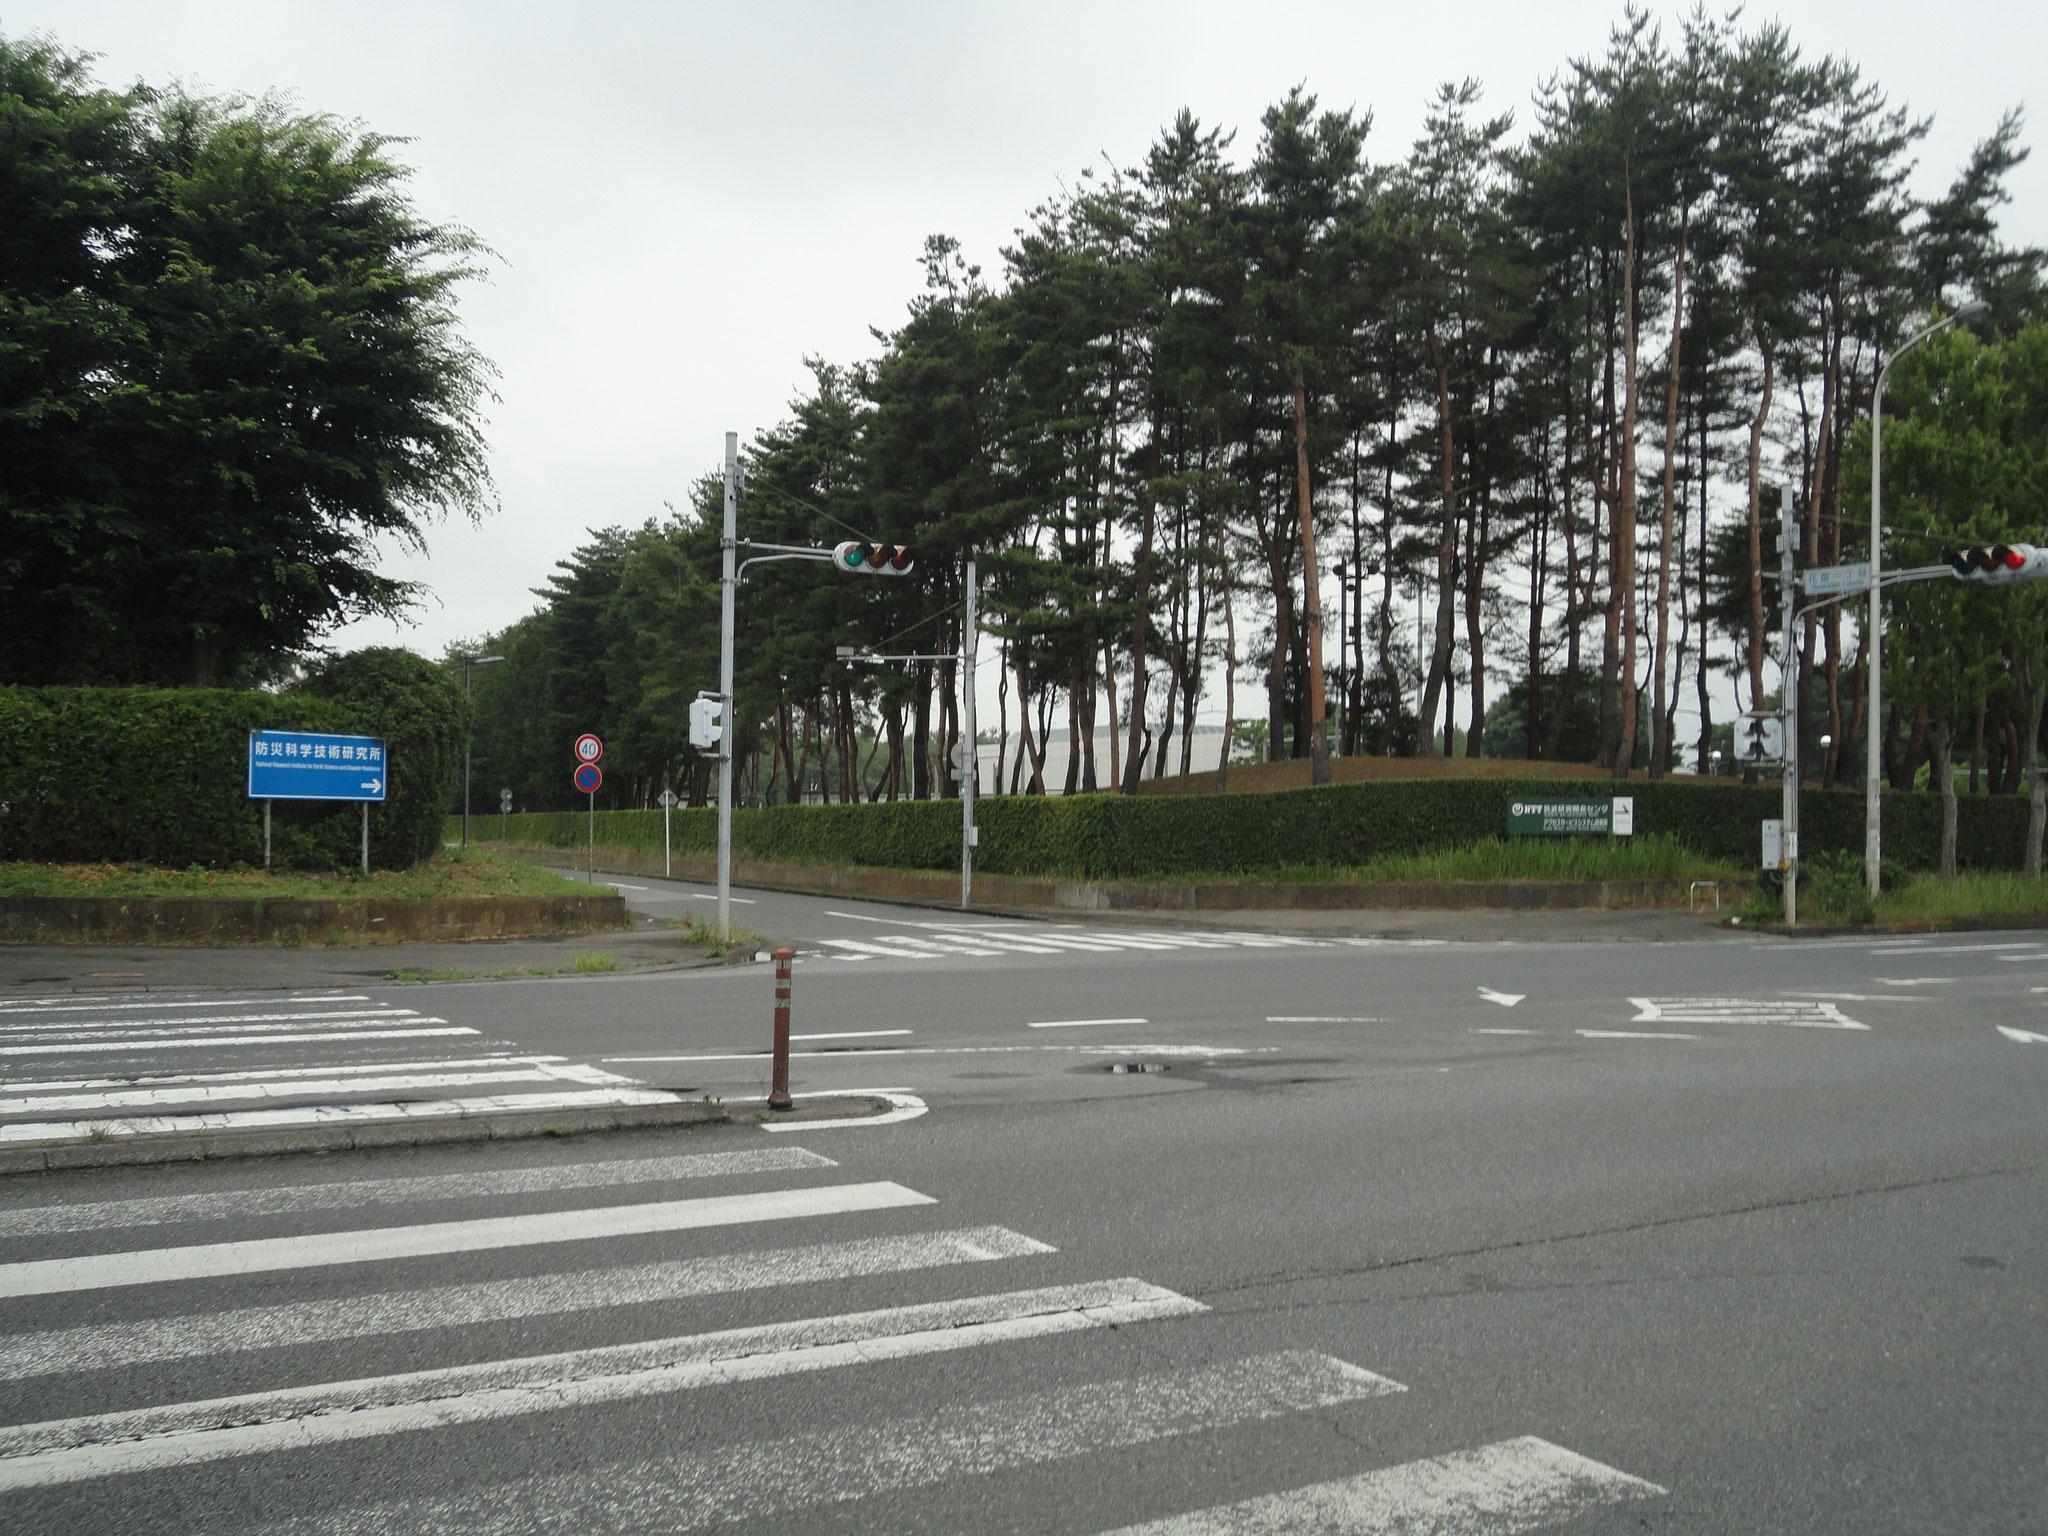 防災科学研究所、NTT研究所近く。